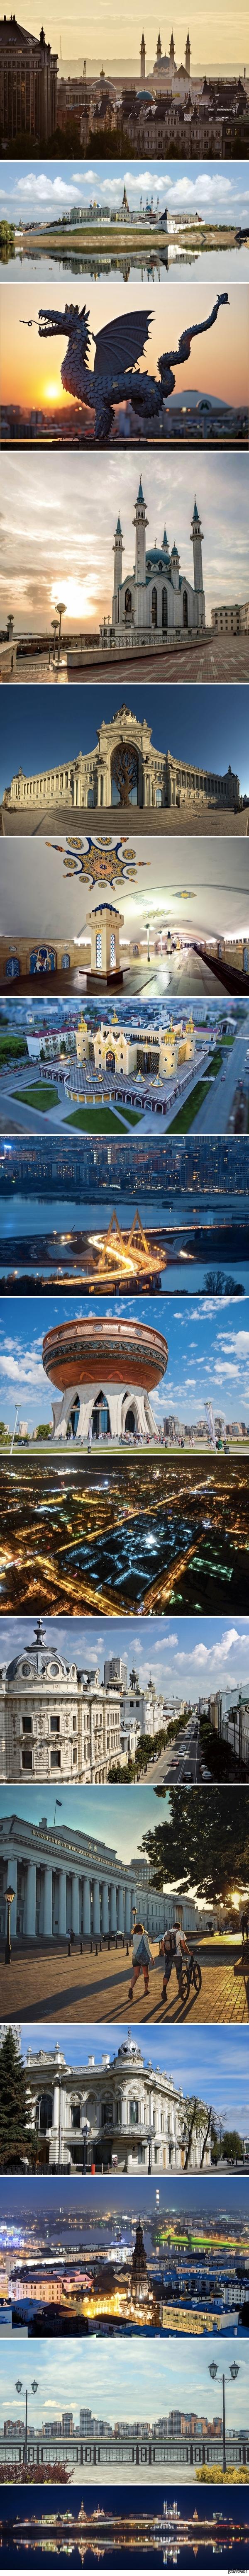 Казань Казань — это место, где мирно сосуществуют запад и восток, христианство и ислам, старая архитектура и новая. Это родина Шаляпина, Заболоцкого, Державина..